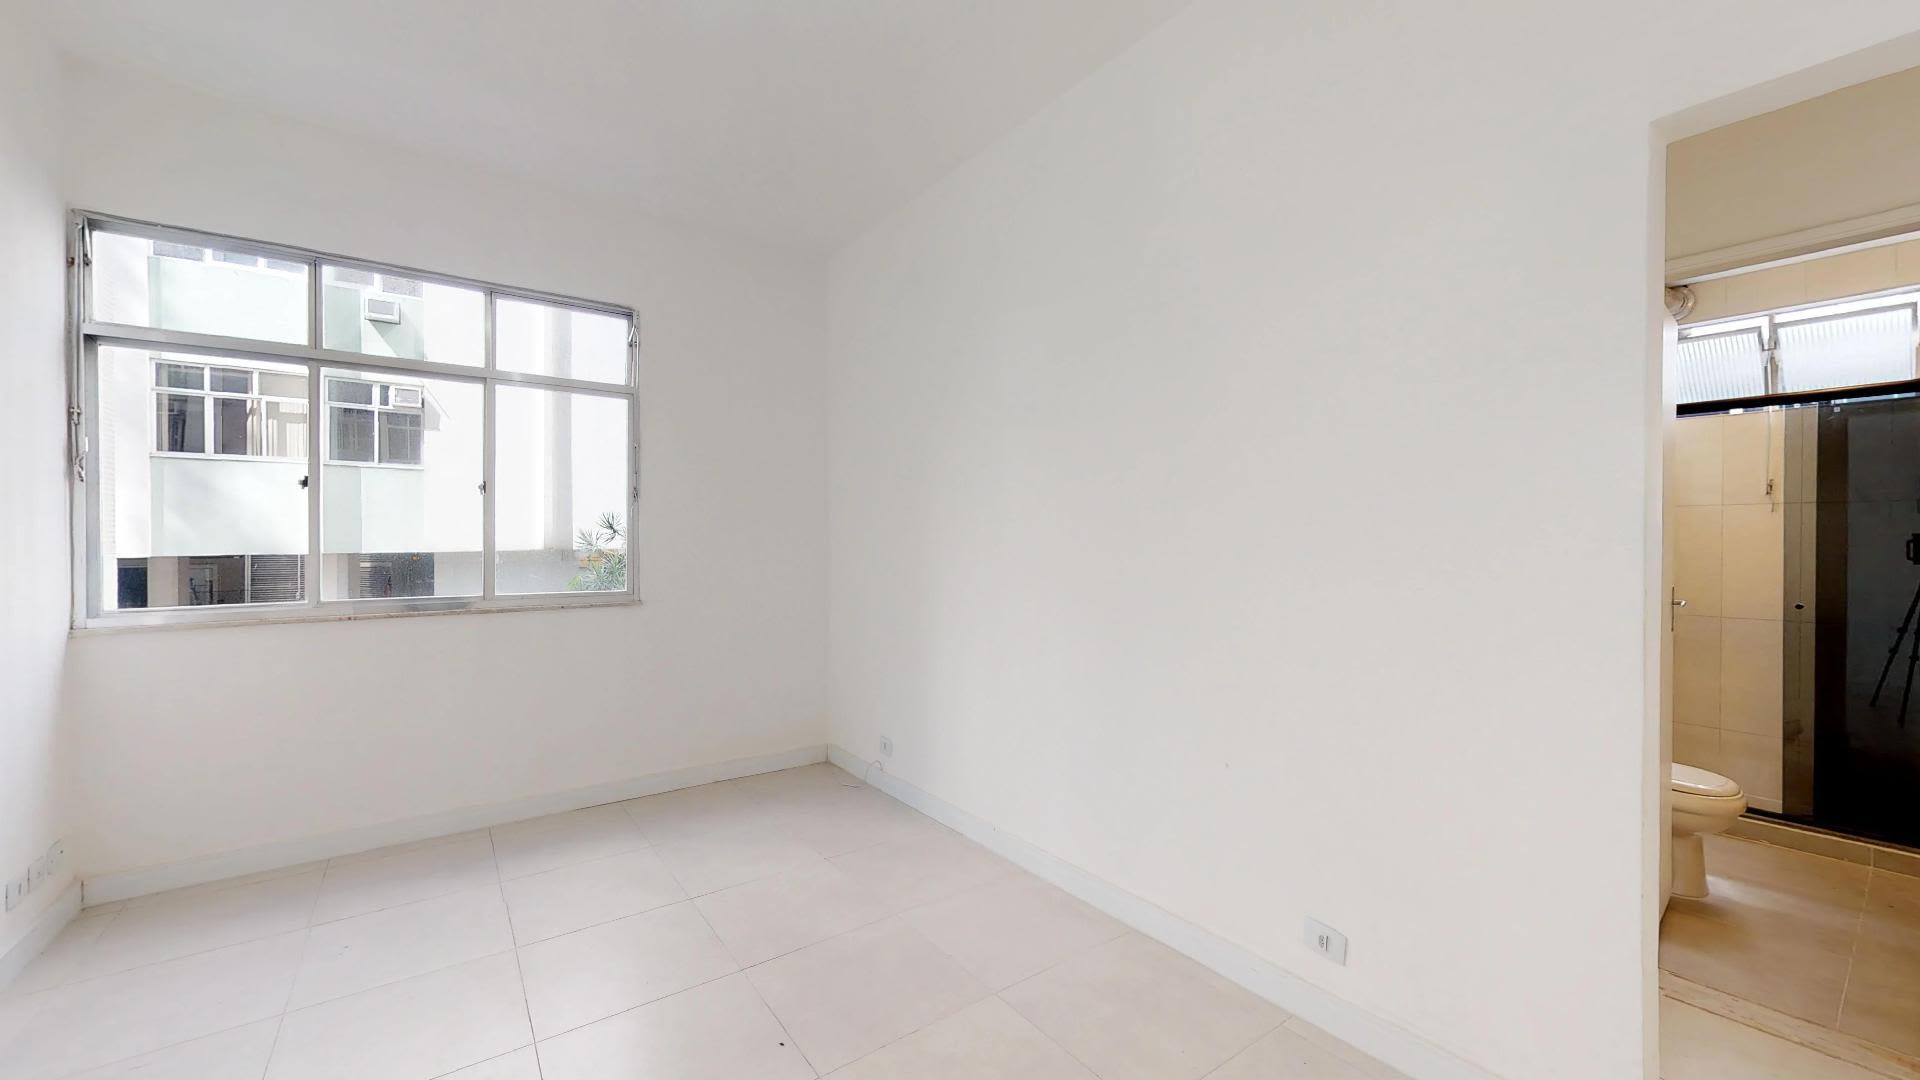 Imagem do Apartamento ID-2641 na Avenida Epitácio Pessoa, Lagoa, Rio de Janeiro - RJ